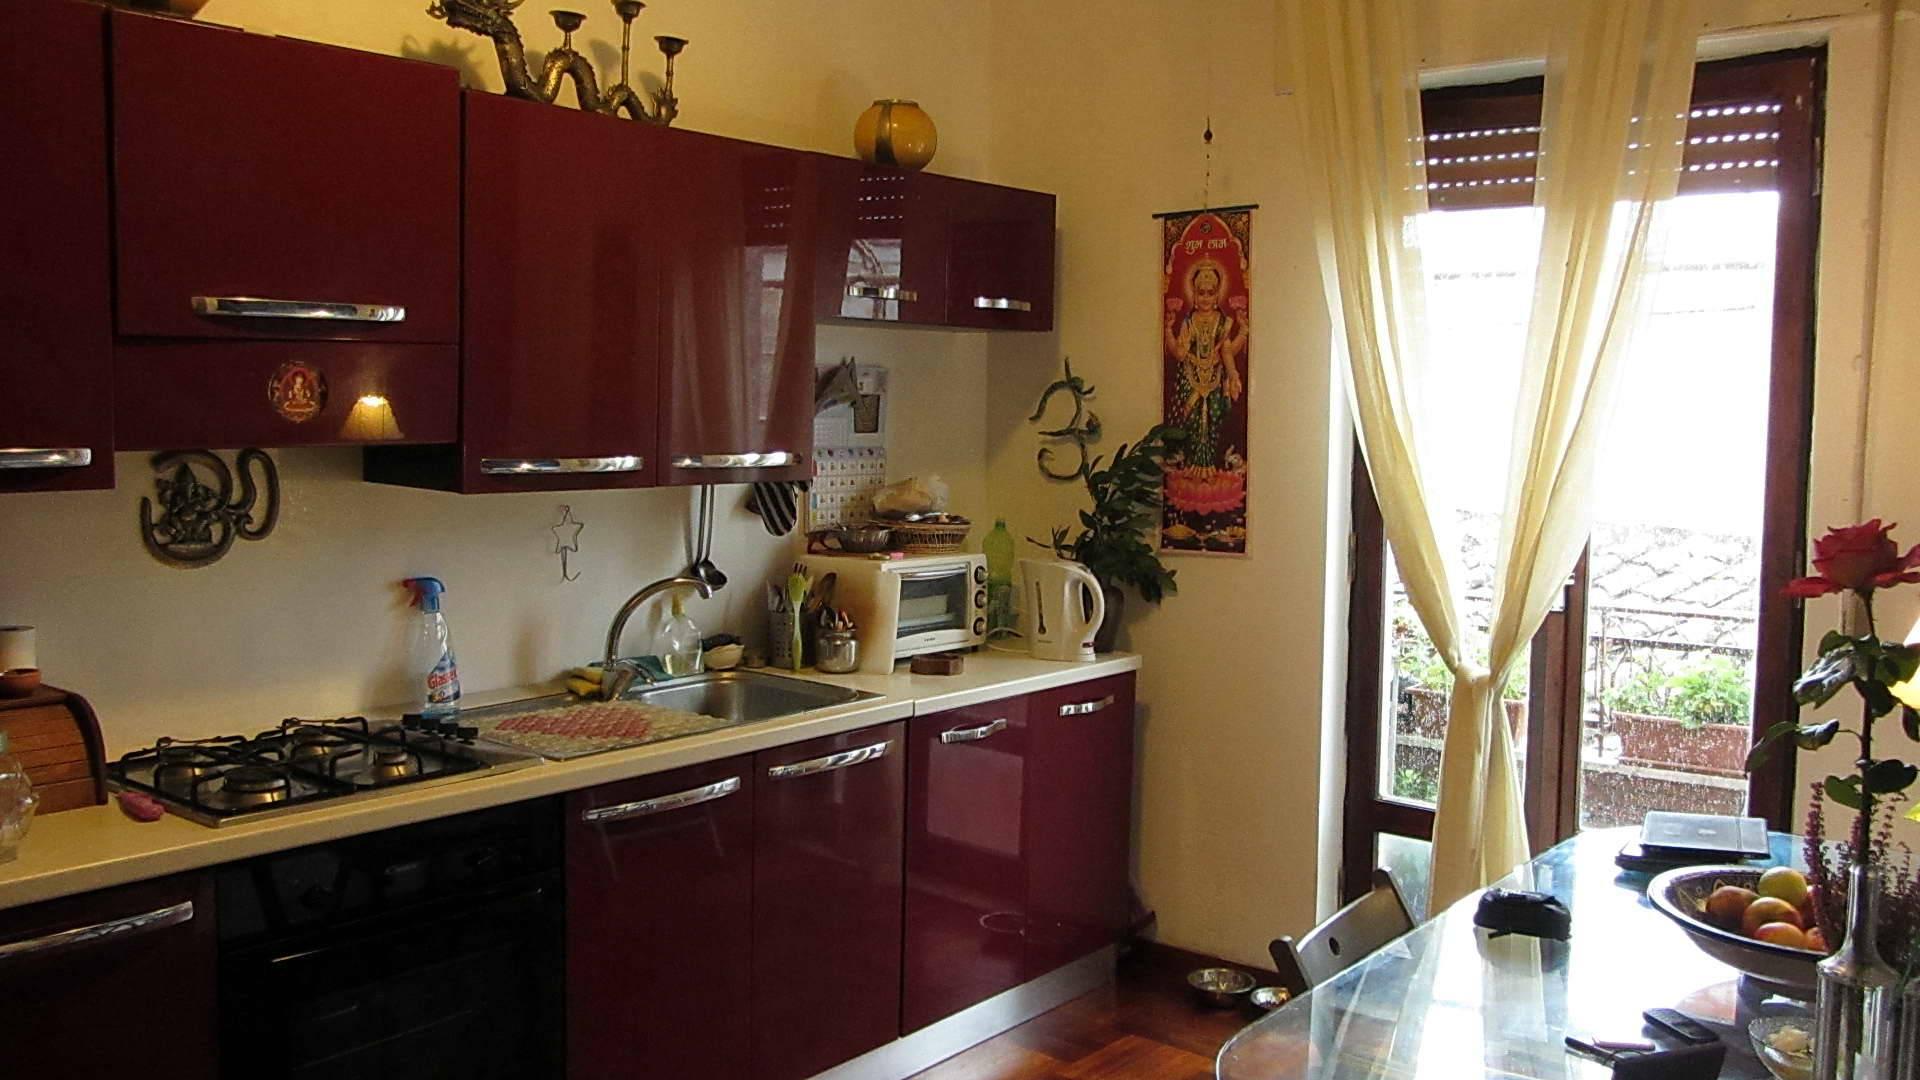 Бордовая кухня: дизайн кухонного гарнитура и сочетание с интерьером